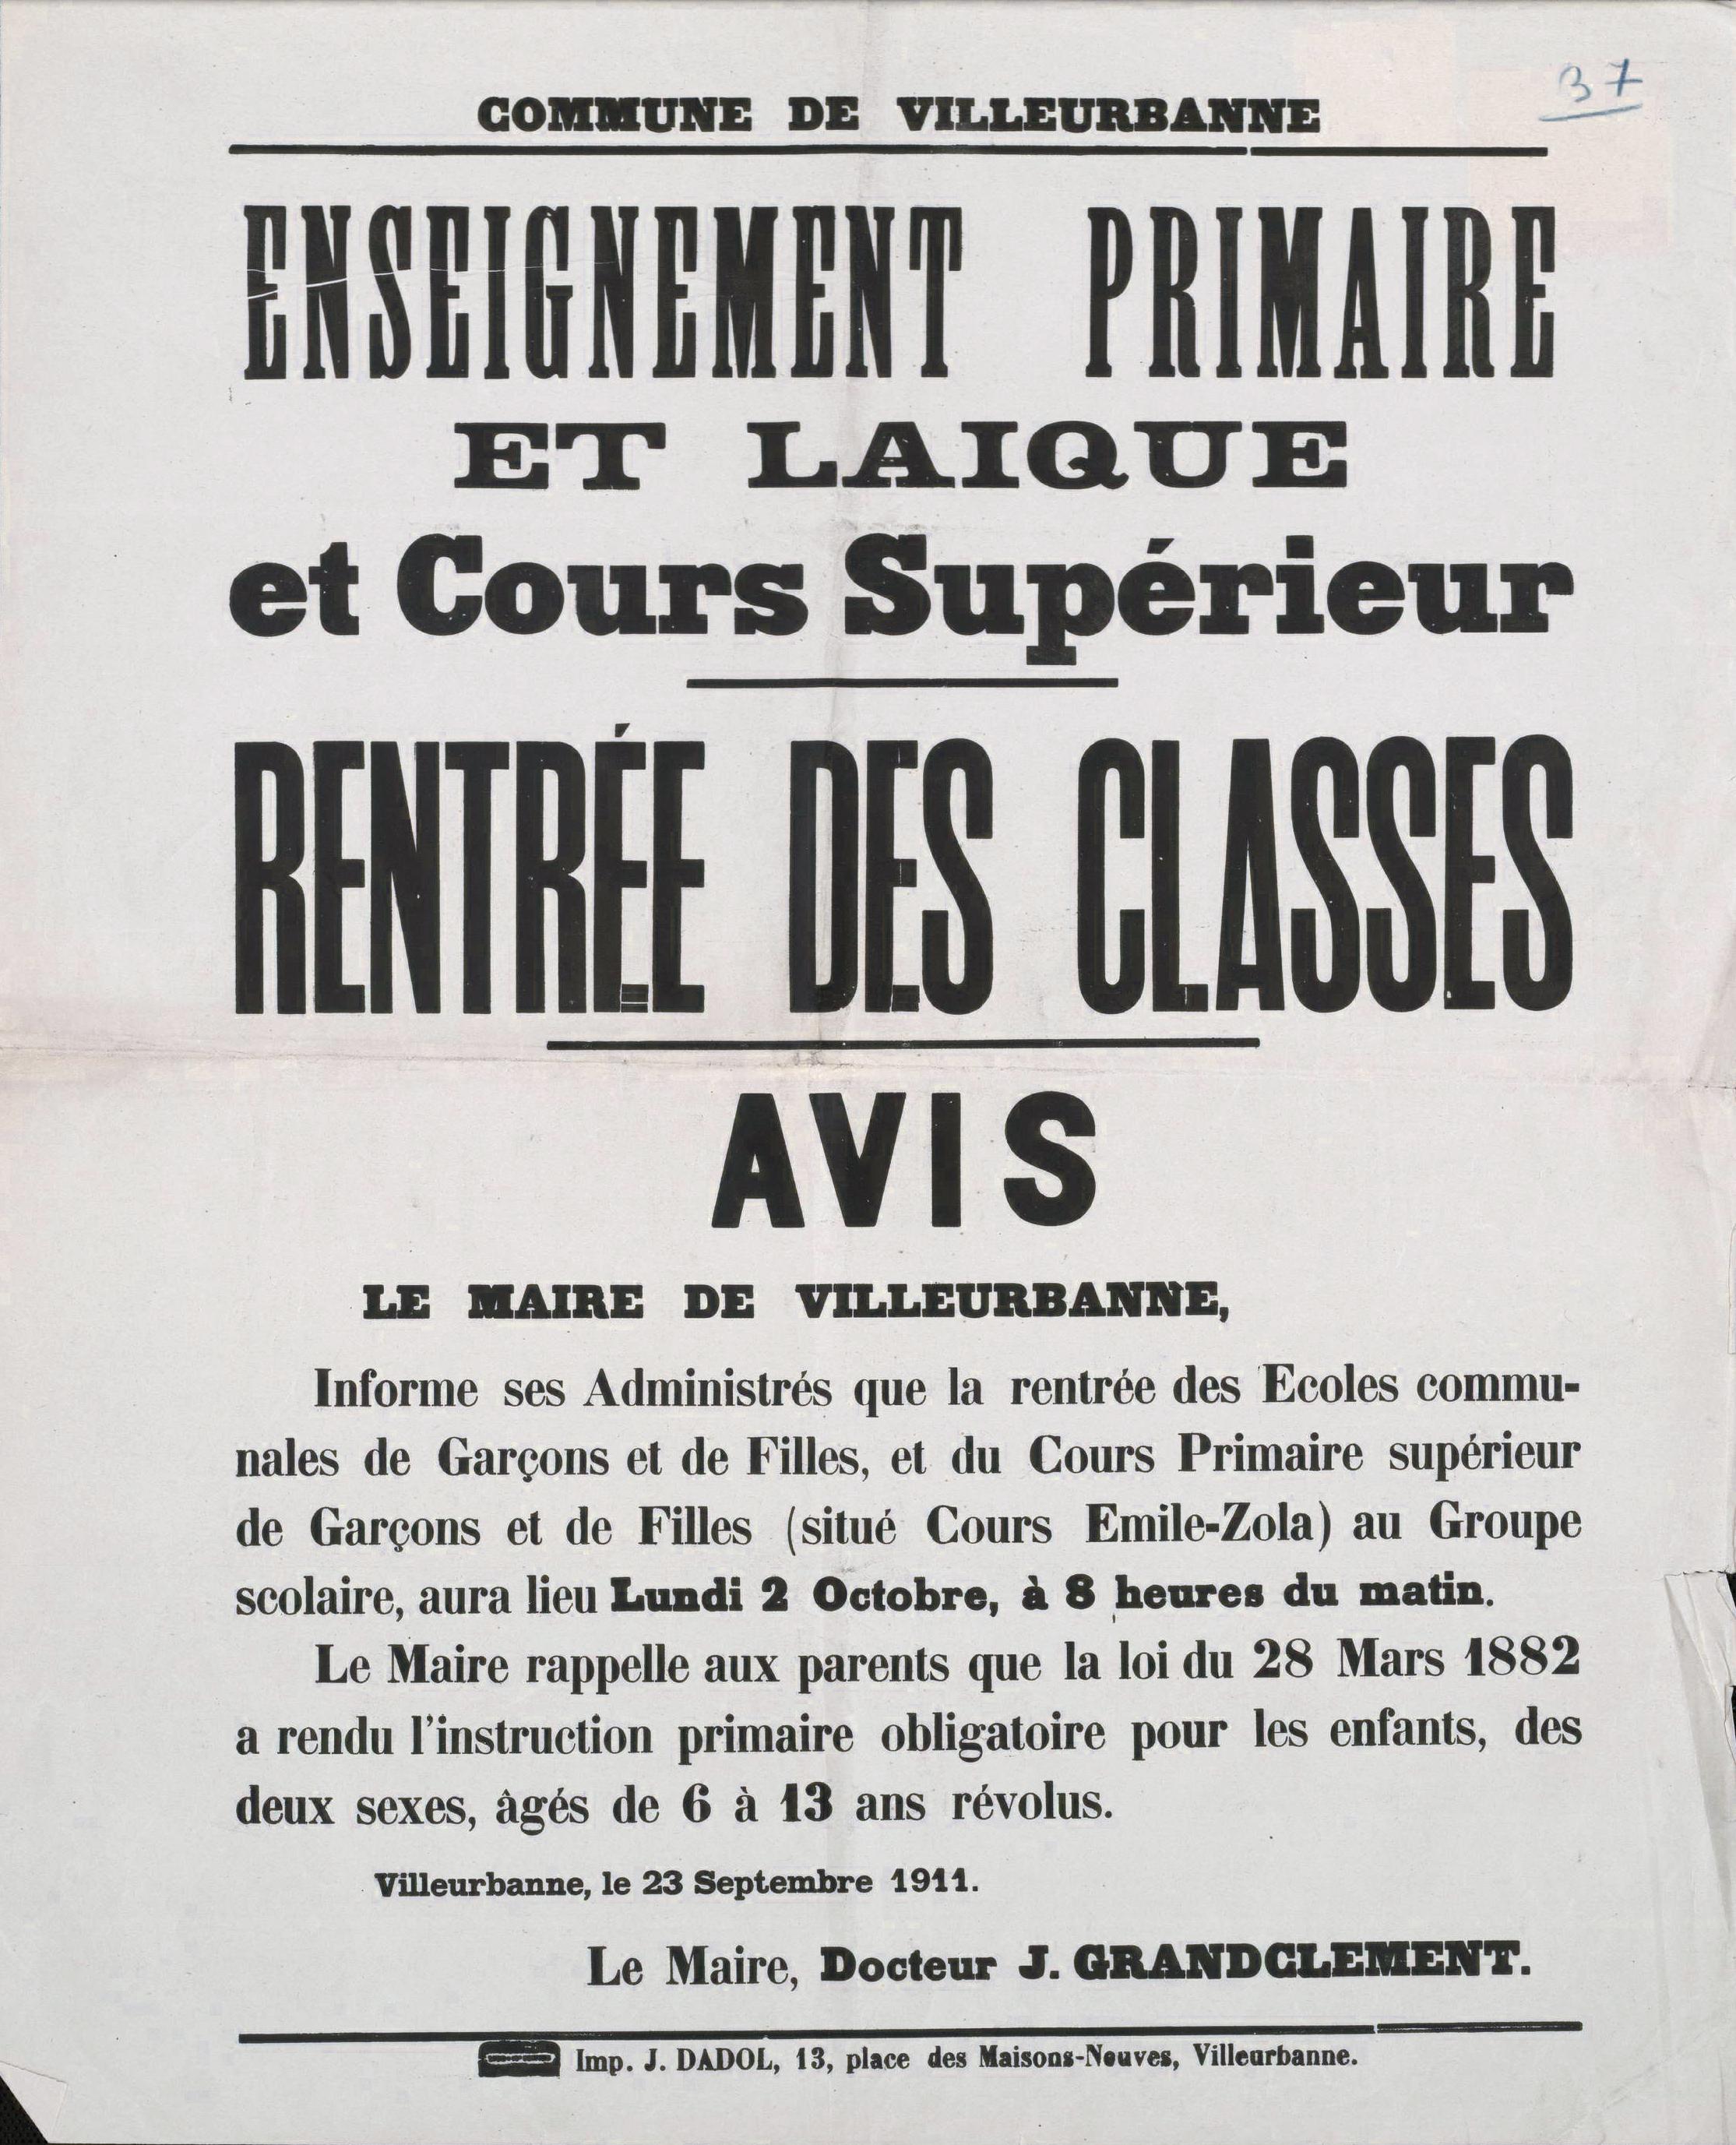 Affiche annonçant la rentrée des classe de 1911. Archives municipales de Villeurbanne / Le Rize, 8 Fi 104.